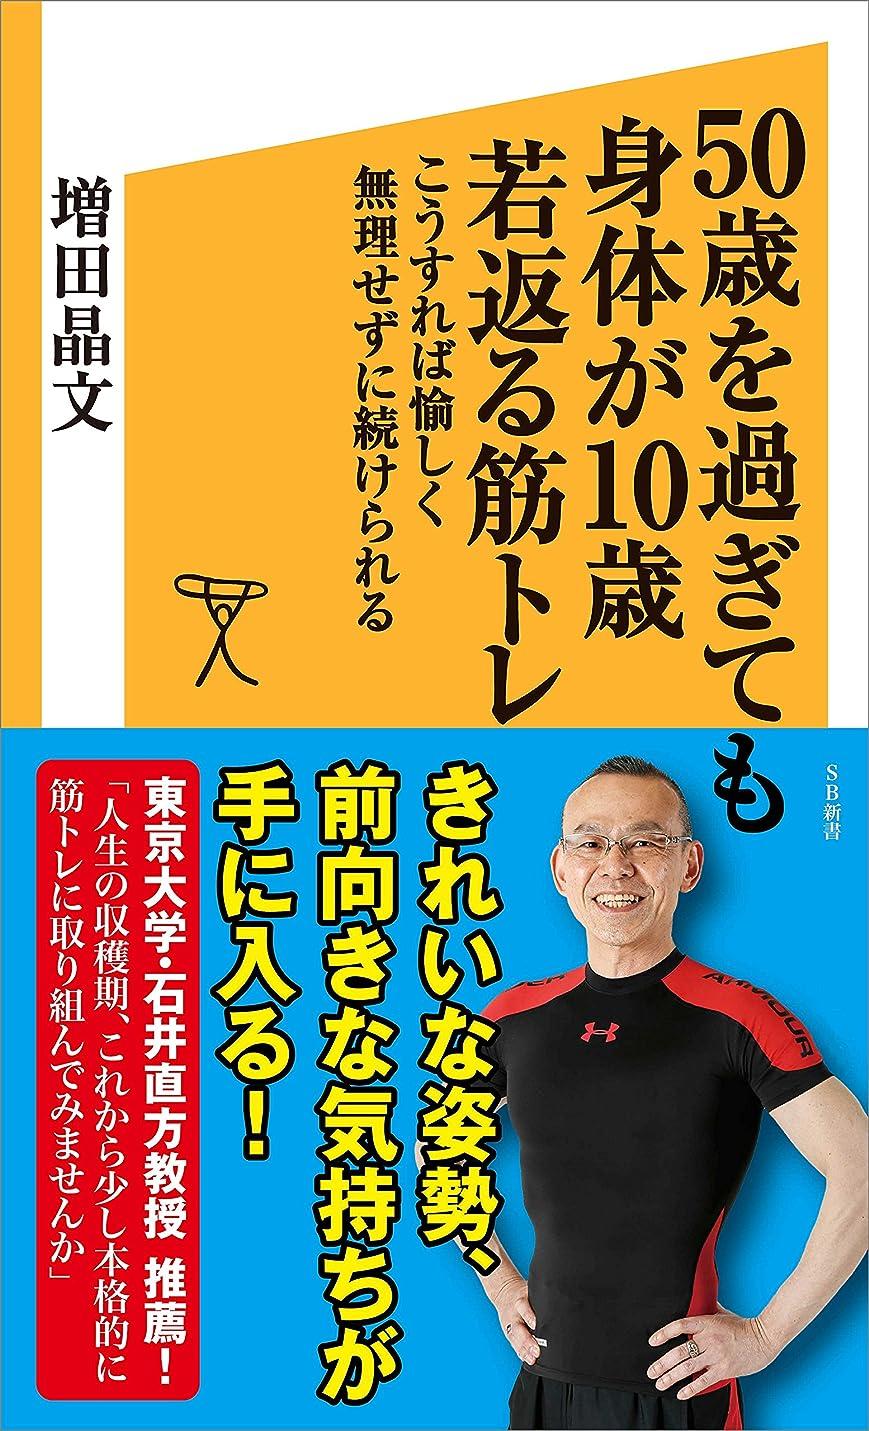 解くシンボル上がる50歳を過ぎても身体が10歳若返る筋トレ こうすれば愉しく無理せずに続けられる (SB新書)